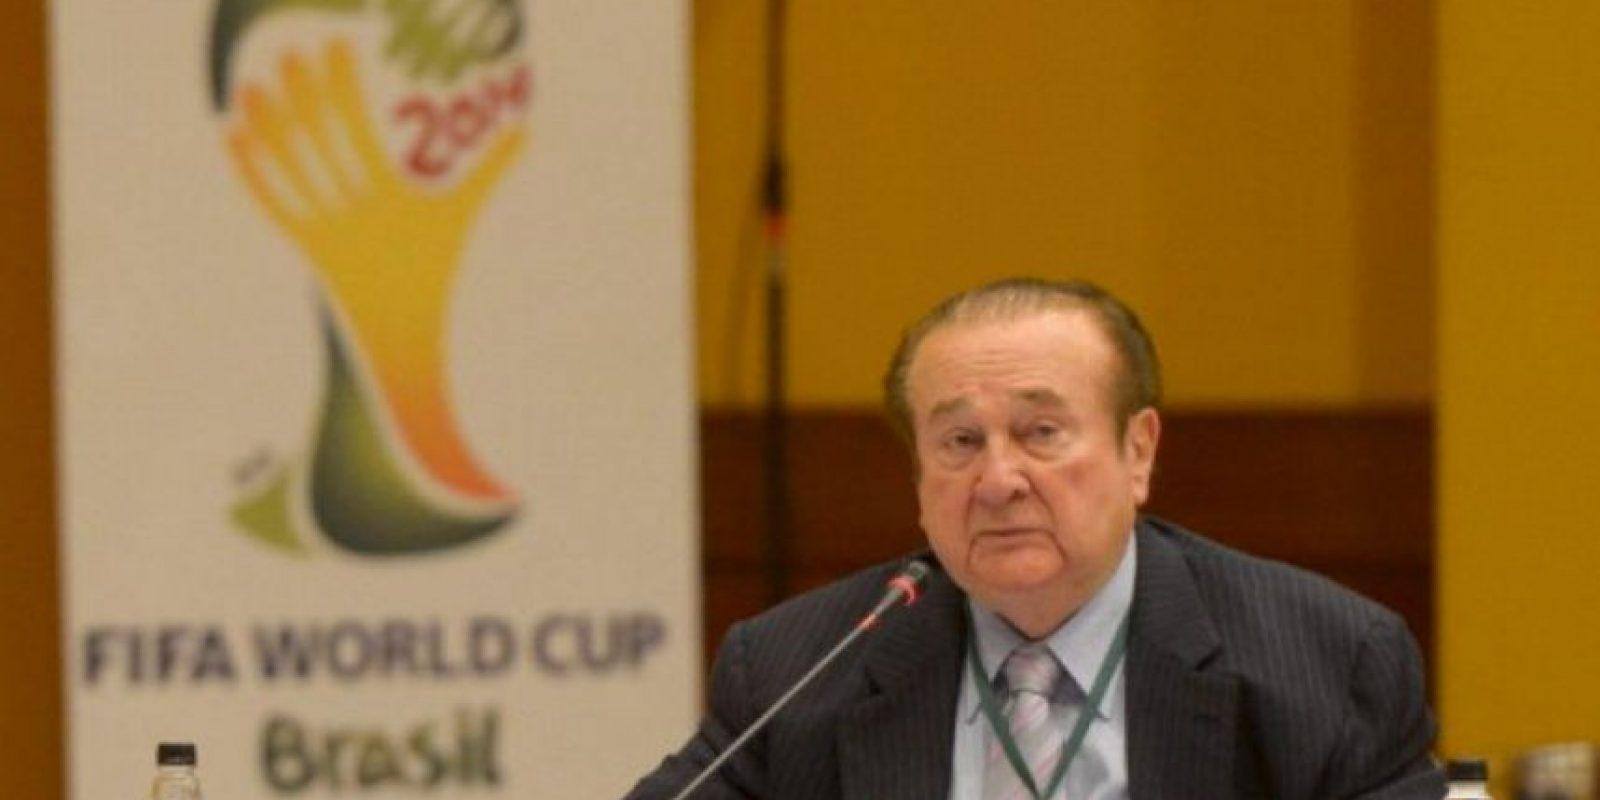 Nicolás Leoz. Paraguayo, 87 años. Exmiembro del Comité Ejecutivo de la FIFA y expresidente de Conmebol. Foto:Getty Images